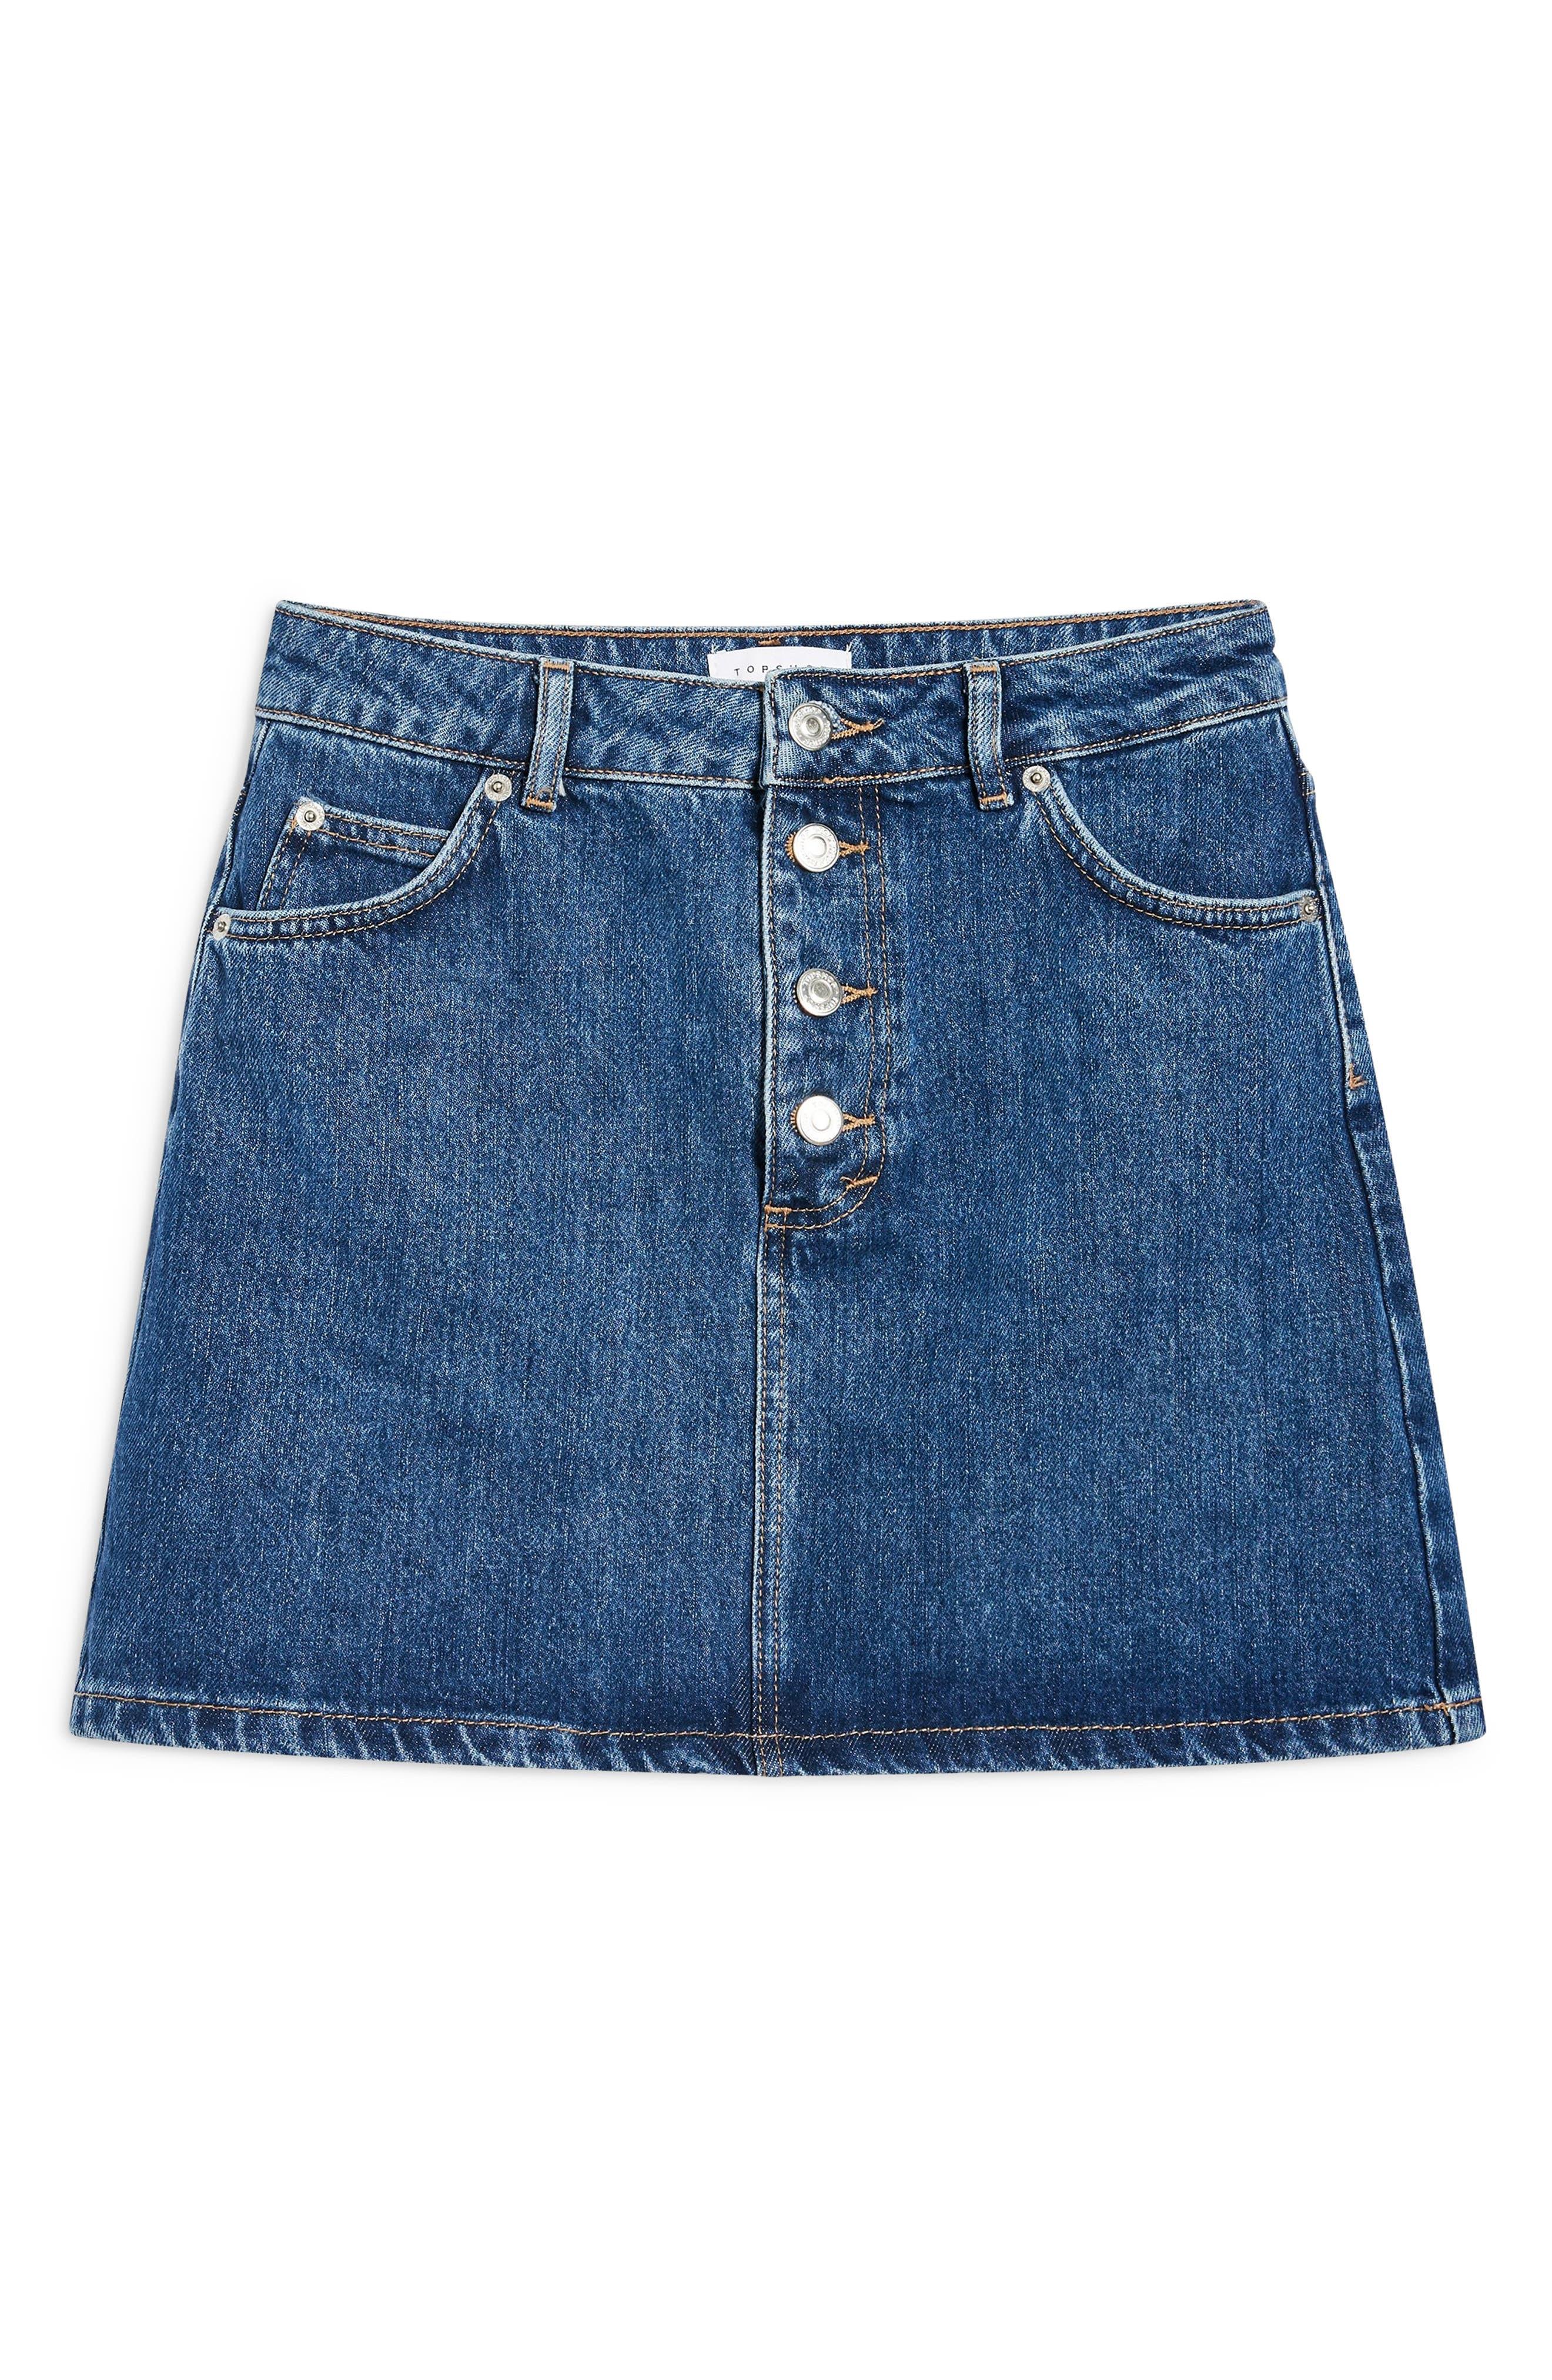 Button Fly Denim Skirt,                             Alternate thumbnail 3, color,                             MID DENIM